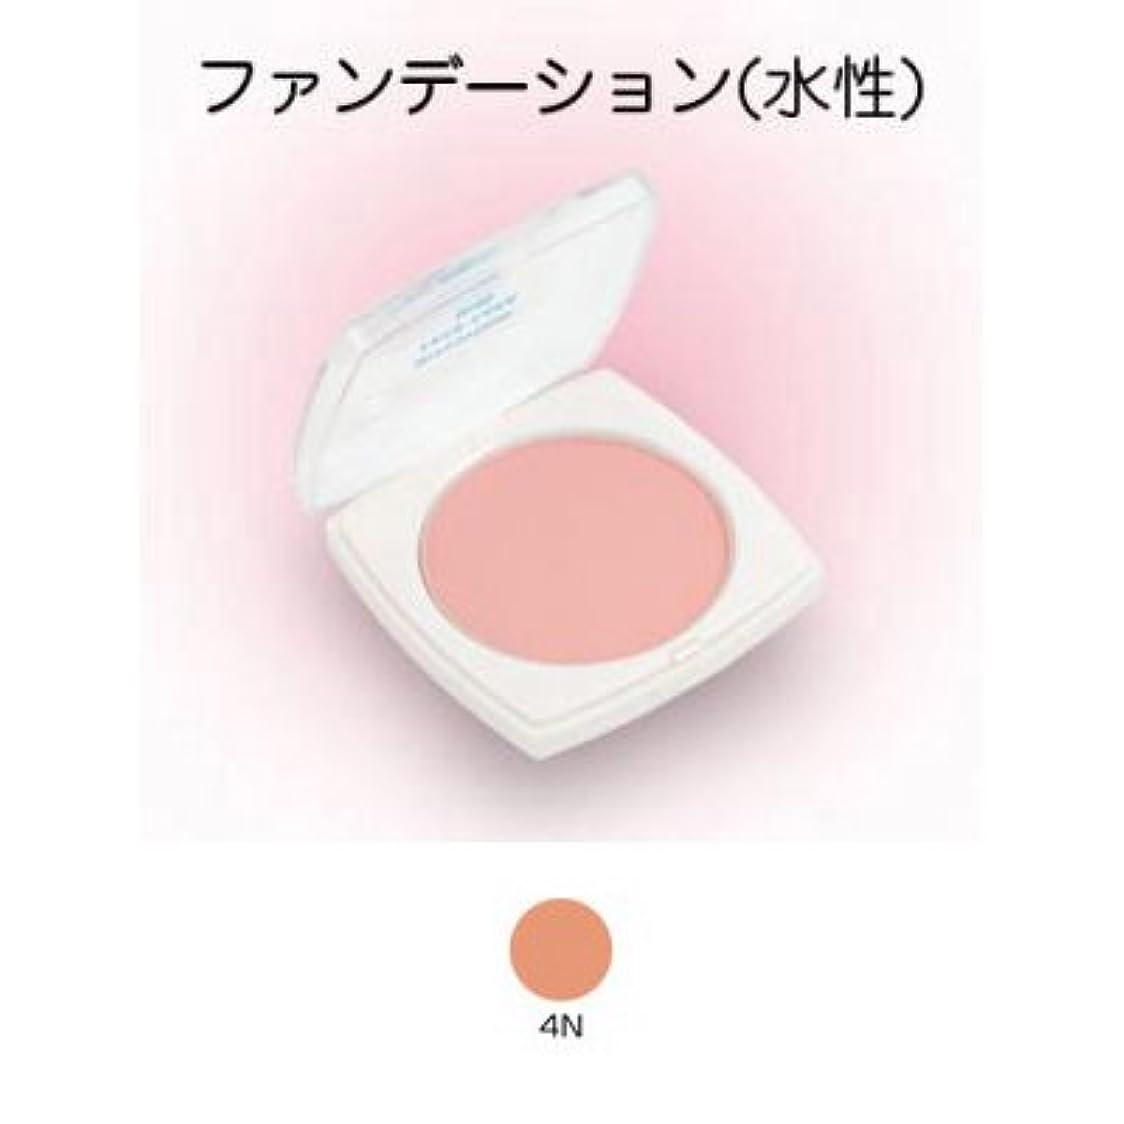 焦がすキャリア活気づくフェースケーキ ミニ 17g 4N 【三善】